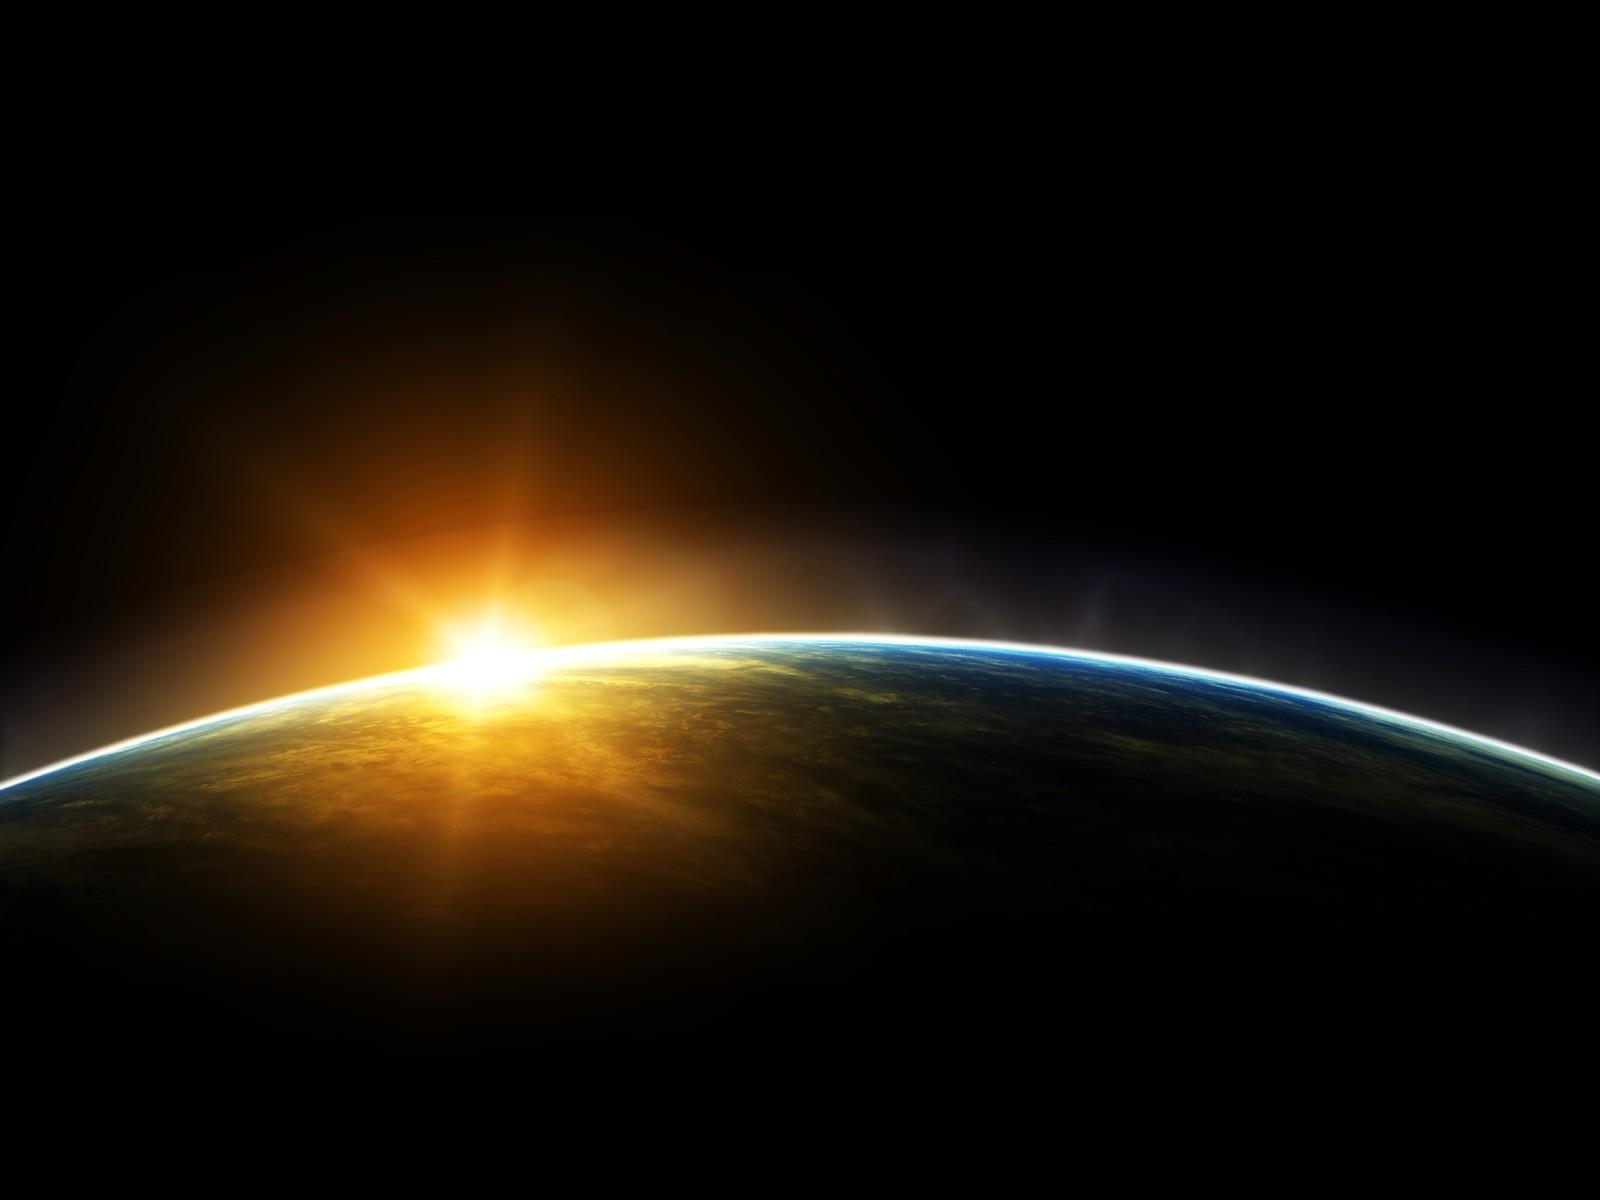 http://3.bp.blogspot.com/-JpvhXLB1aMo/TXCg1N6klKI/AAAAAAAAQ5g/uDVhE9uxqqQ/s1600/Space%2BArt%2BWallpapers%2B14.jpg